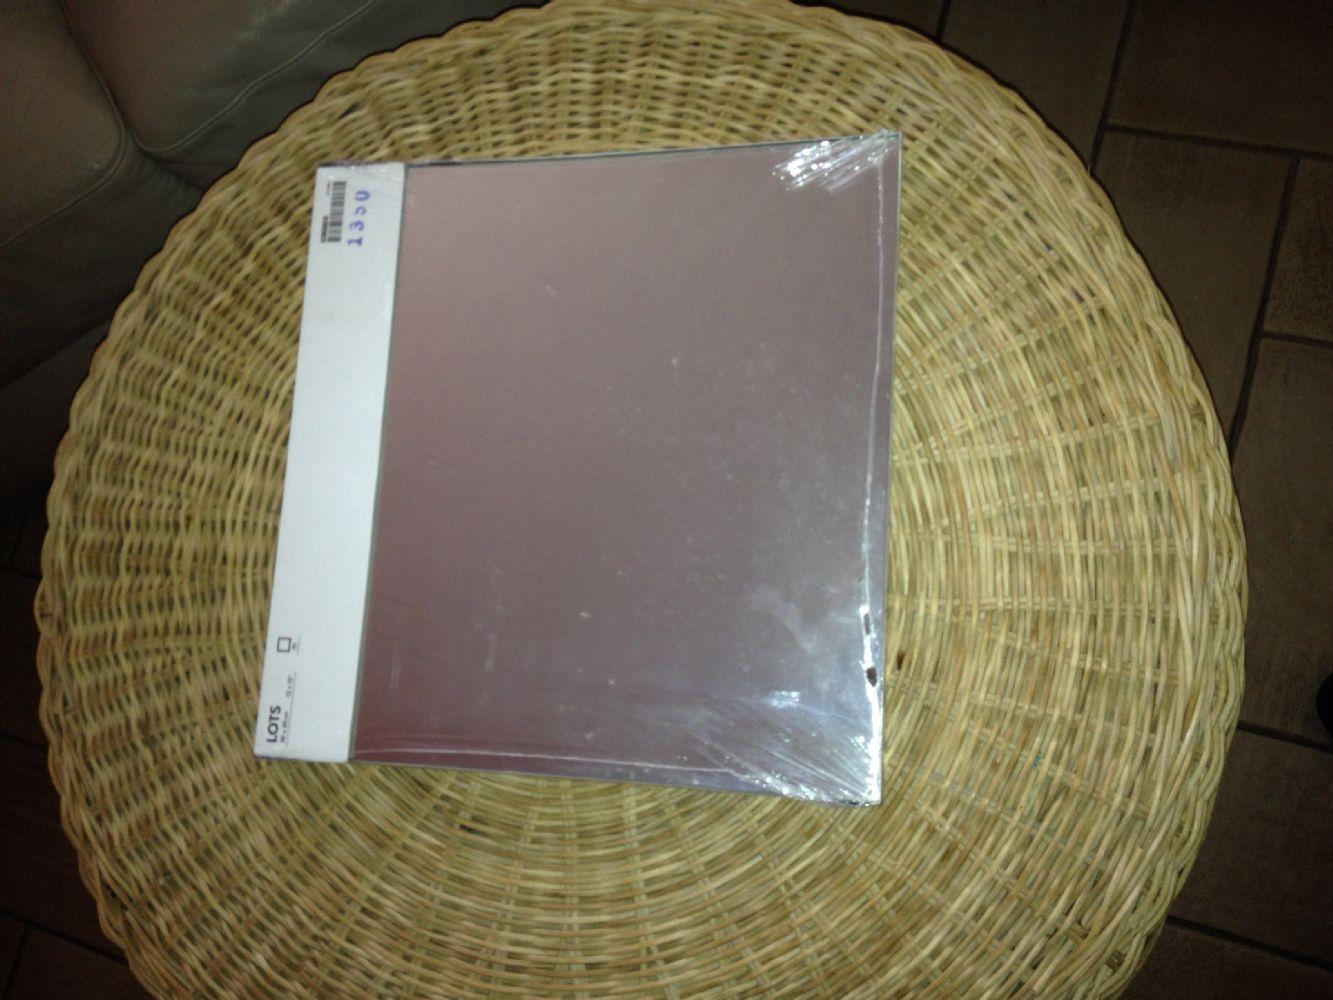 Baratto scambio specchi adesivi 30x30 ikea arredamento complementi d arredo a scandiano re - Ikea complementi d arredo ...